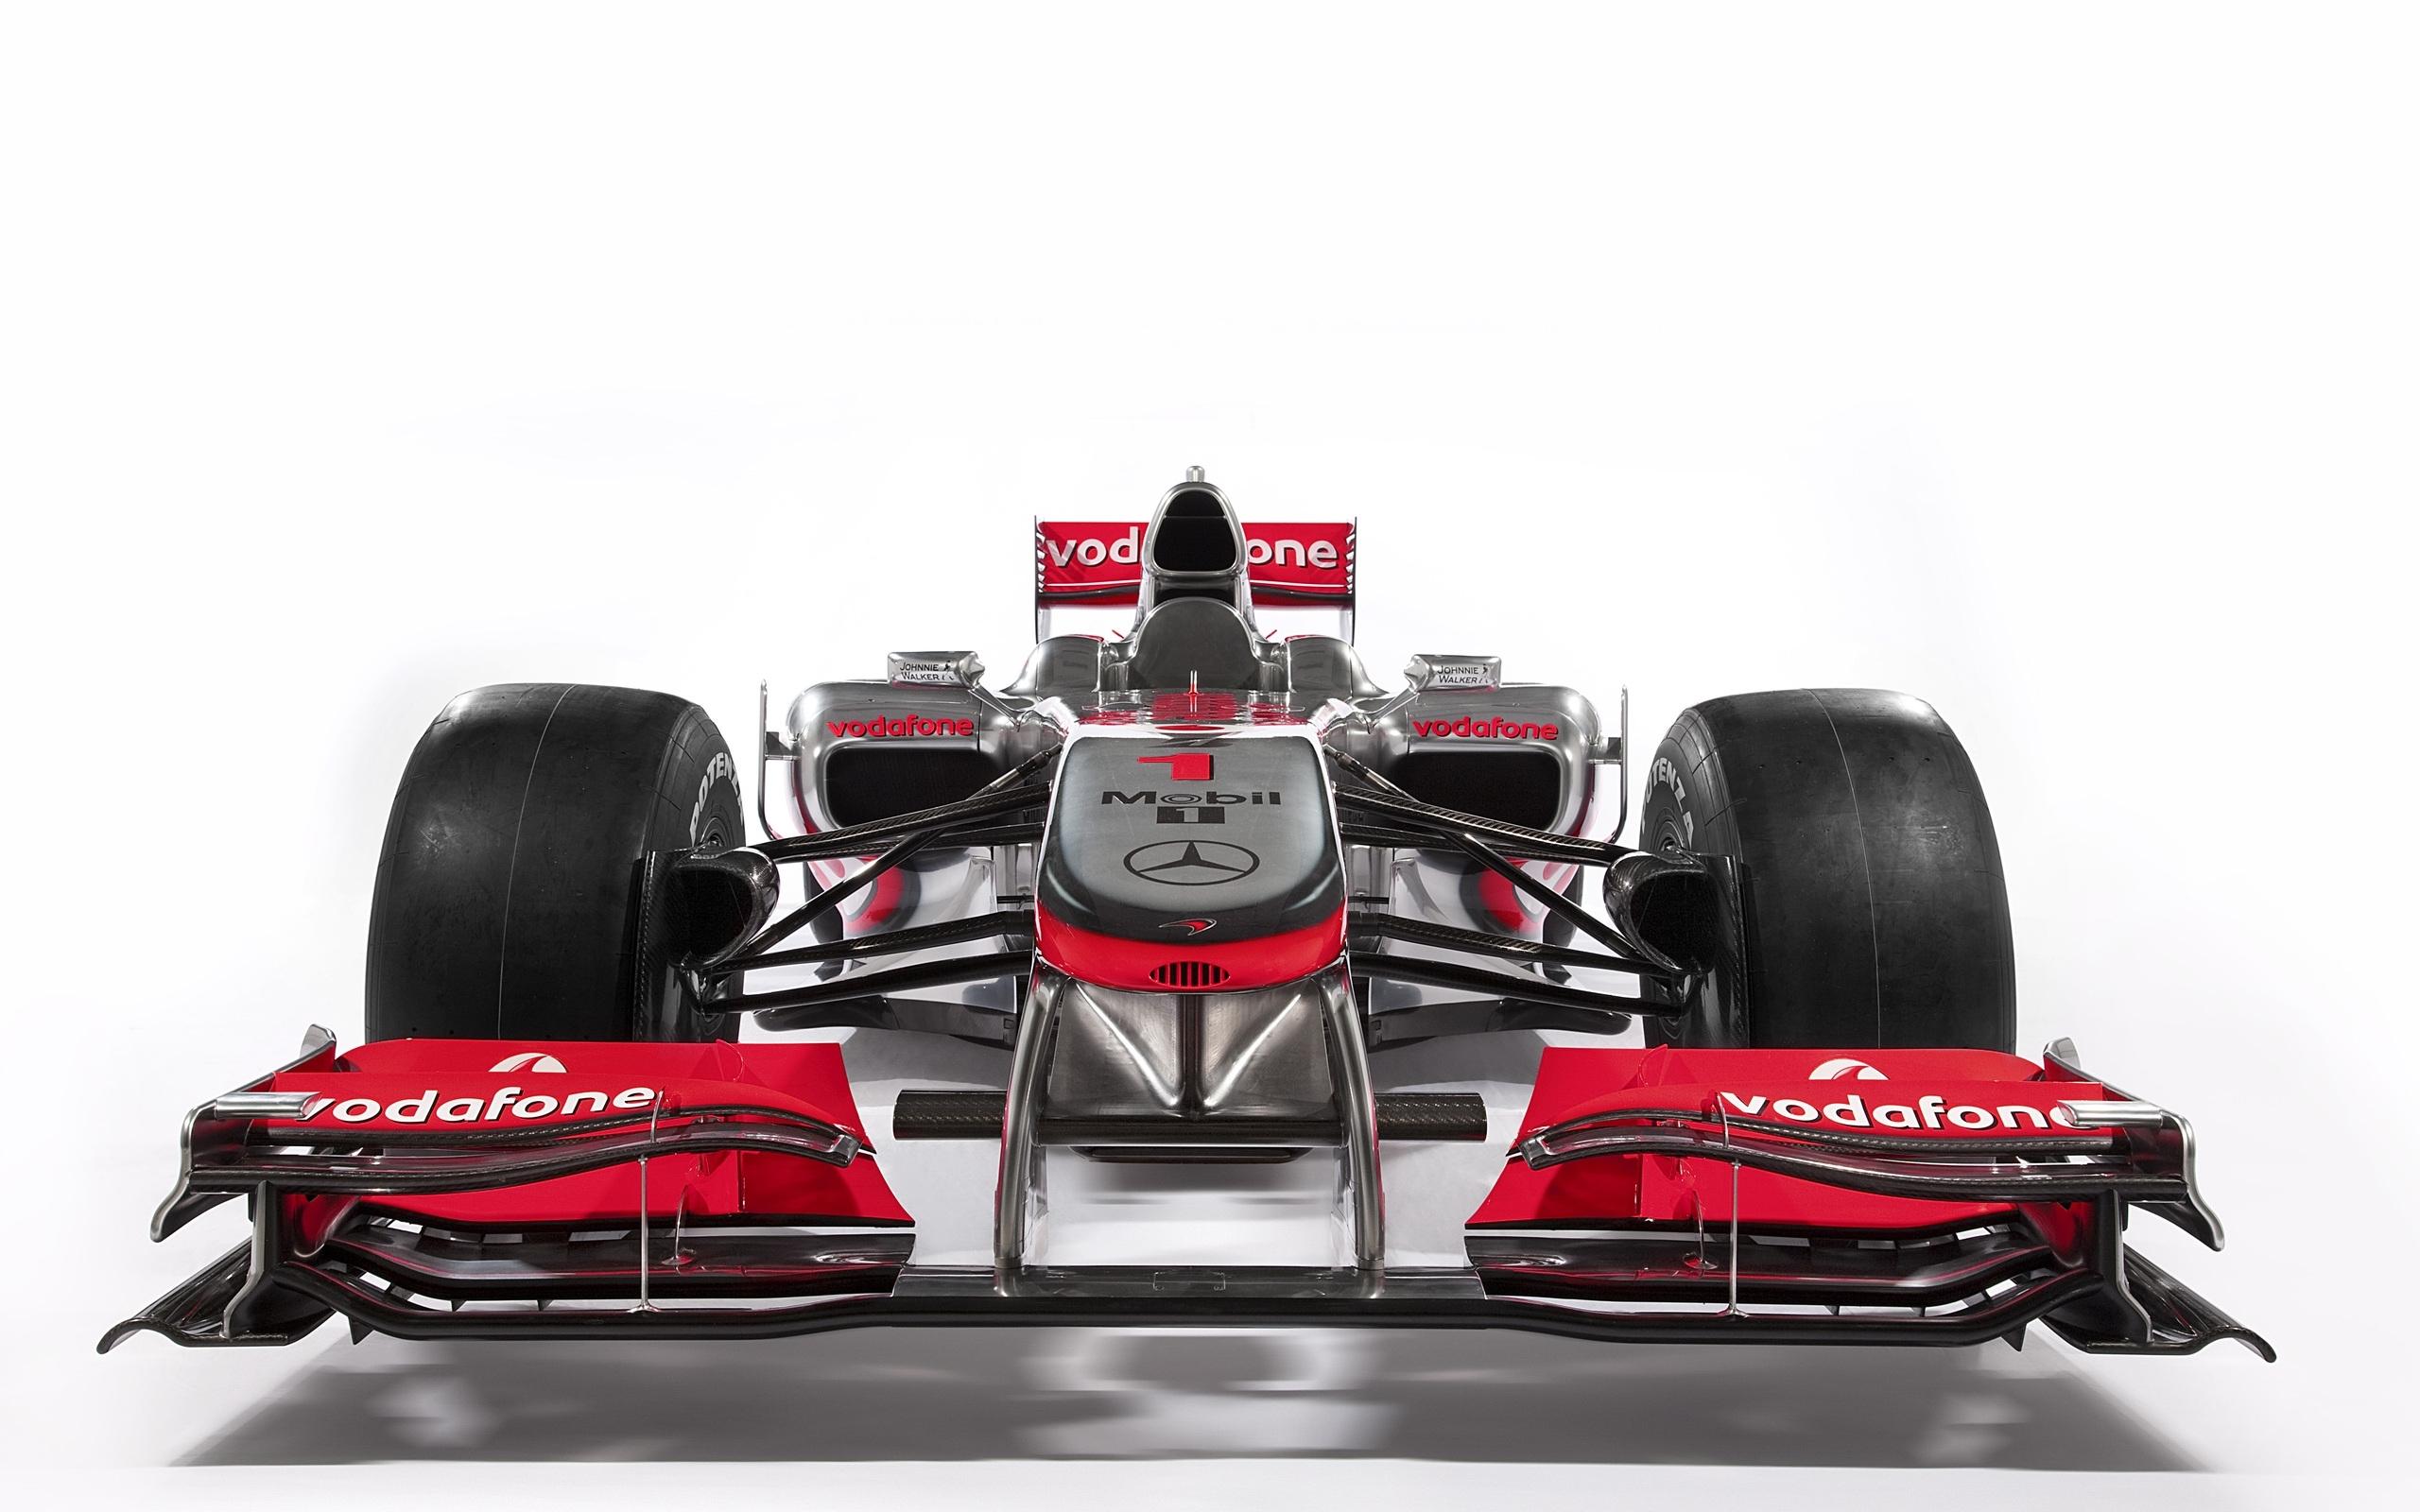 31838 скачать обои Спорт, Транспорт, Машины, Формула-1 (Formula-1, F1) - заставки и картинки бесплатно